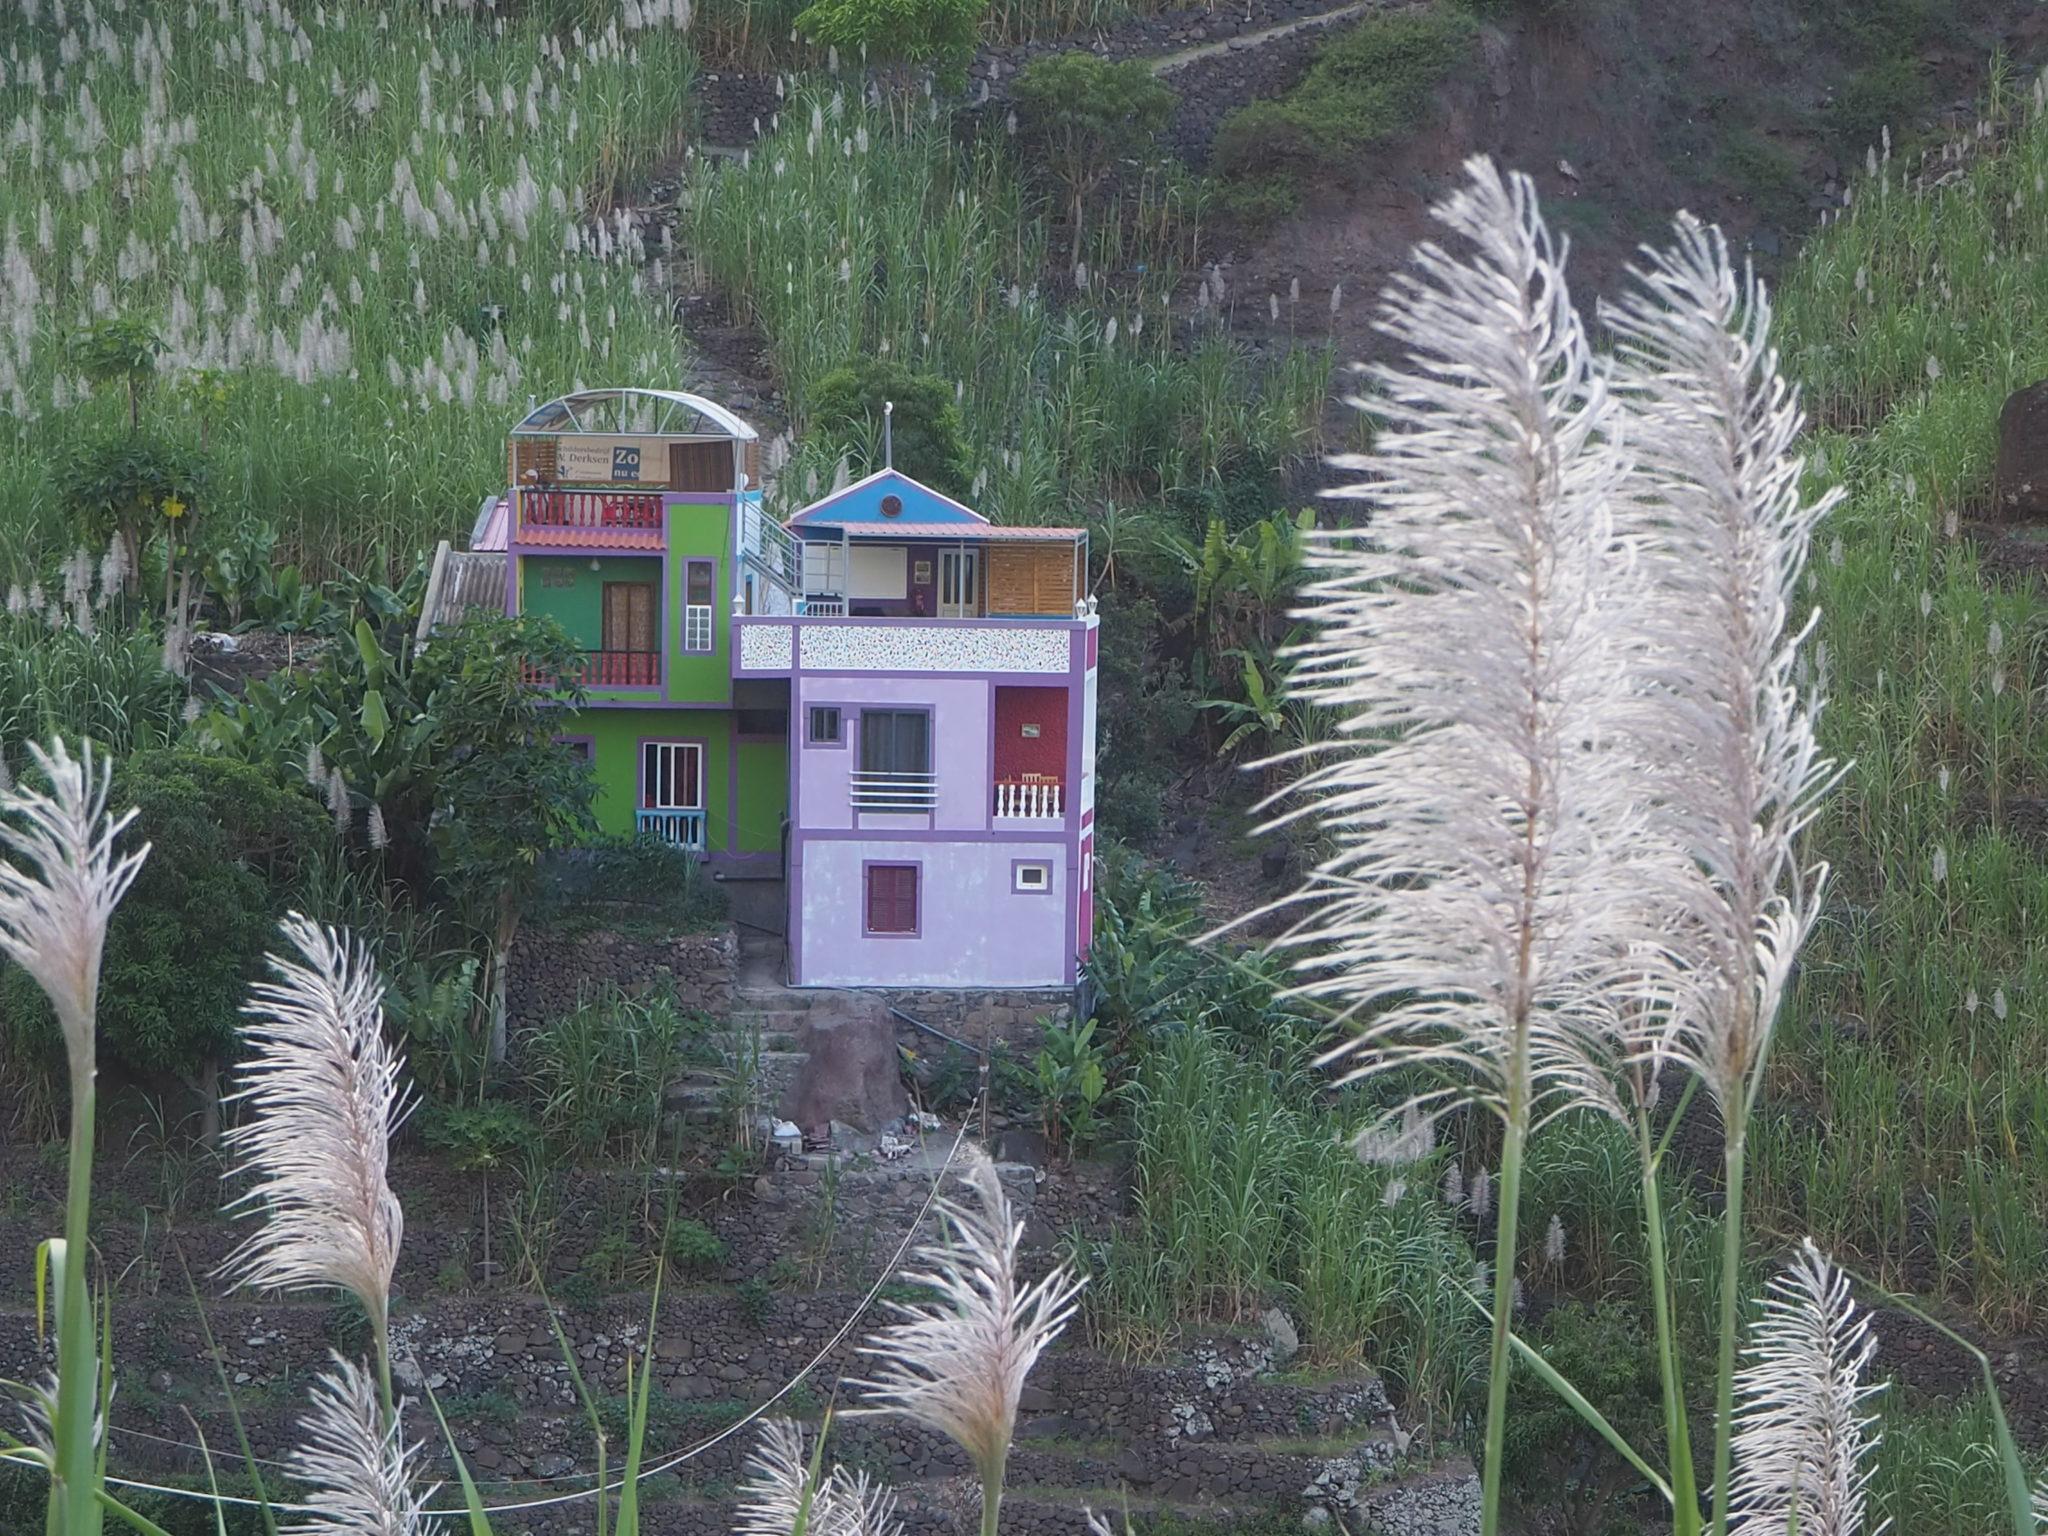 Santo Antao (Jour 4 et 5, Boucle d'Aguada-Ribeira Grande et Cruzinha Ponta do Sol)